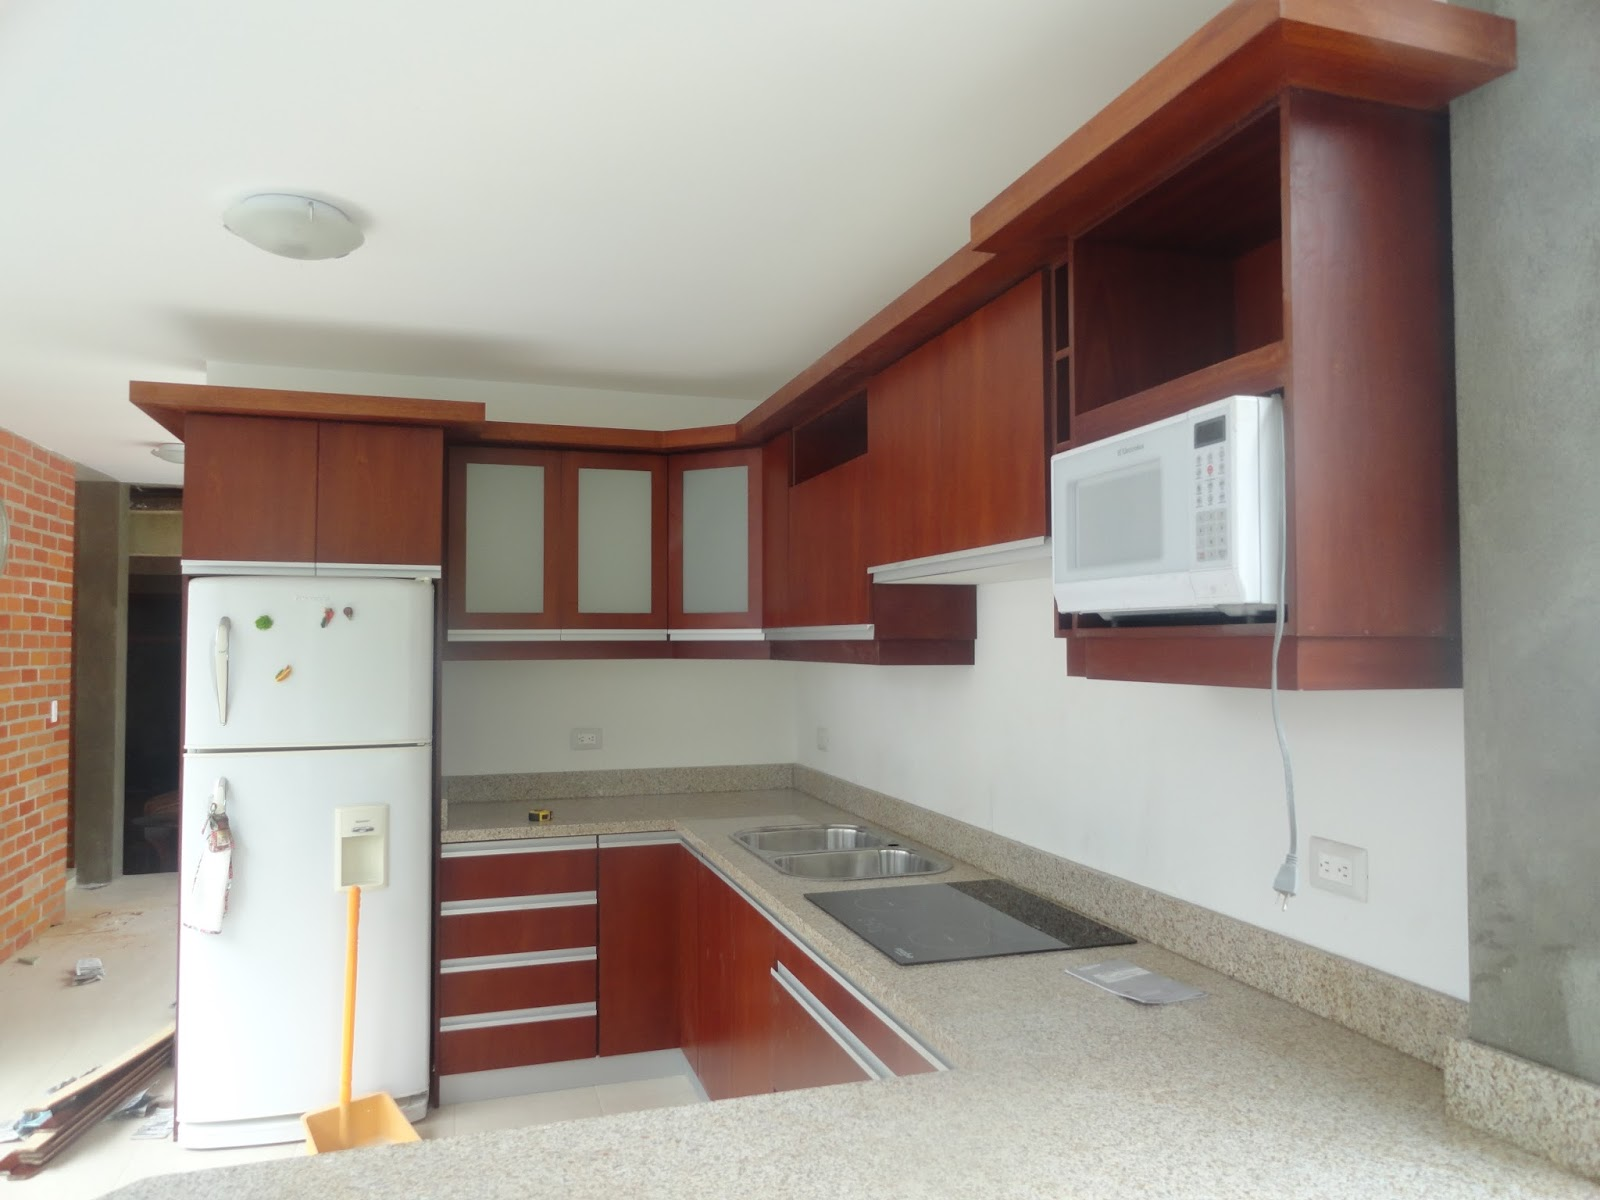 Ideatumobiliario muebles de cocina for Modelos de anaqueles de cocina